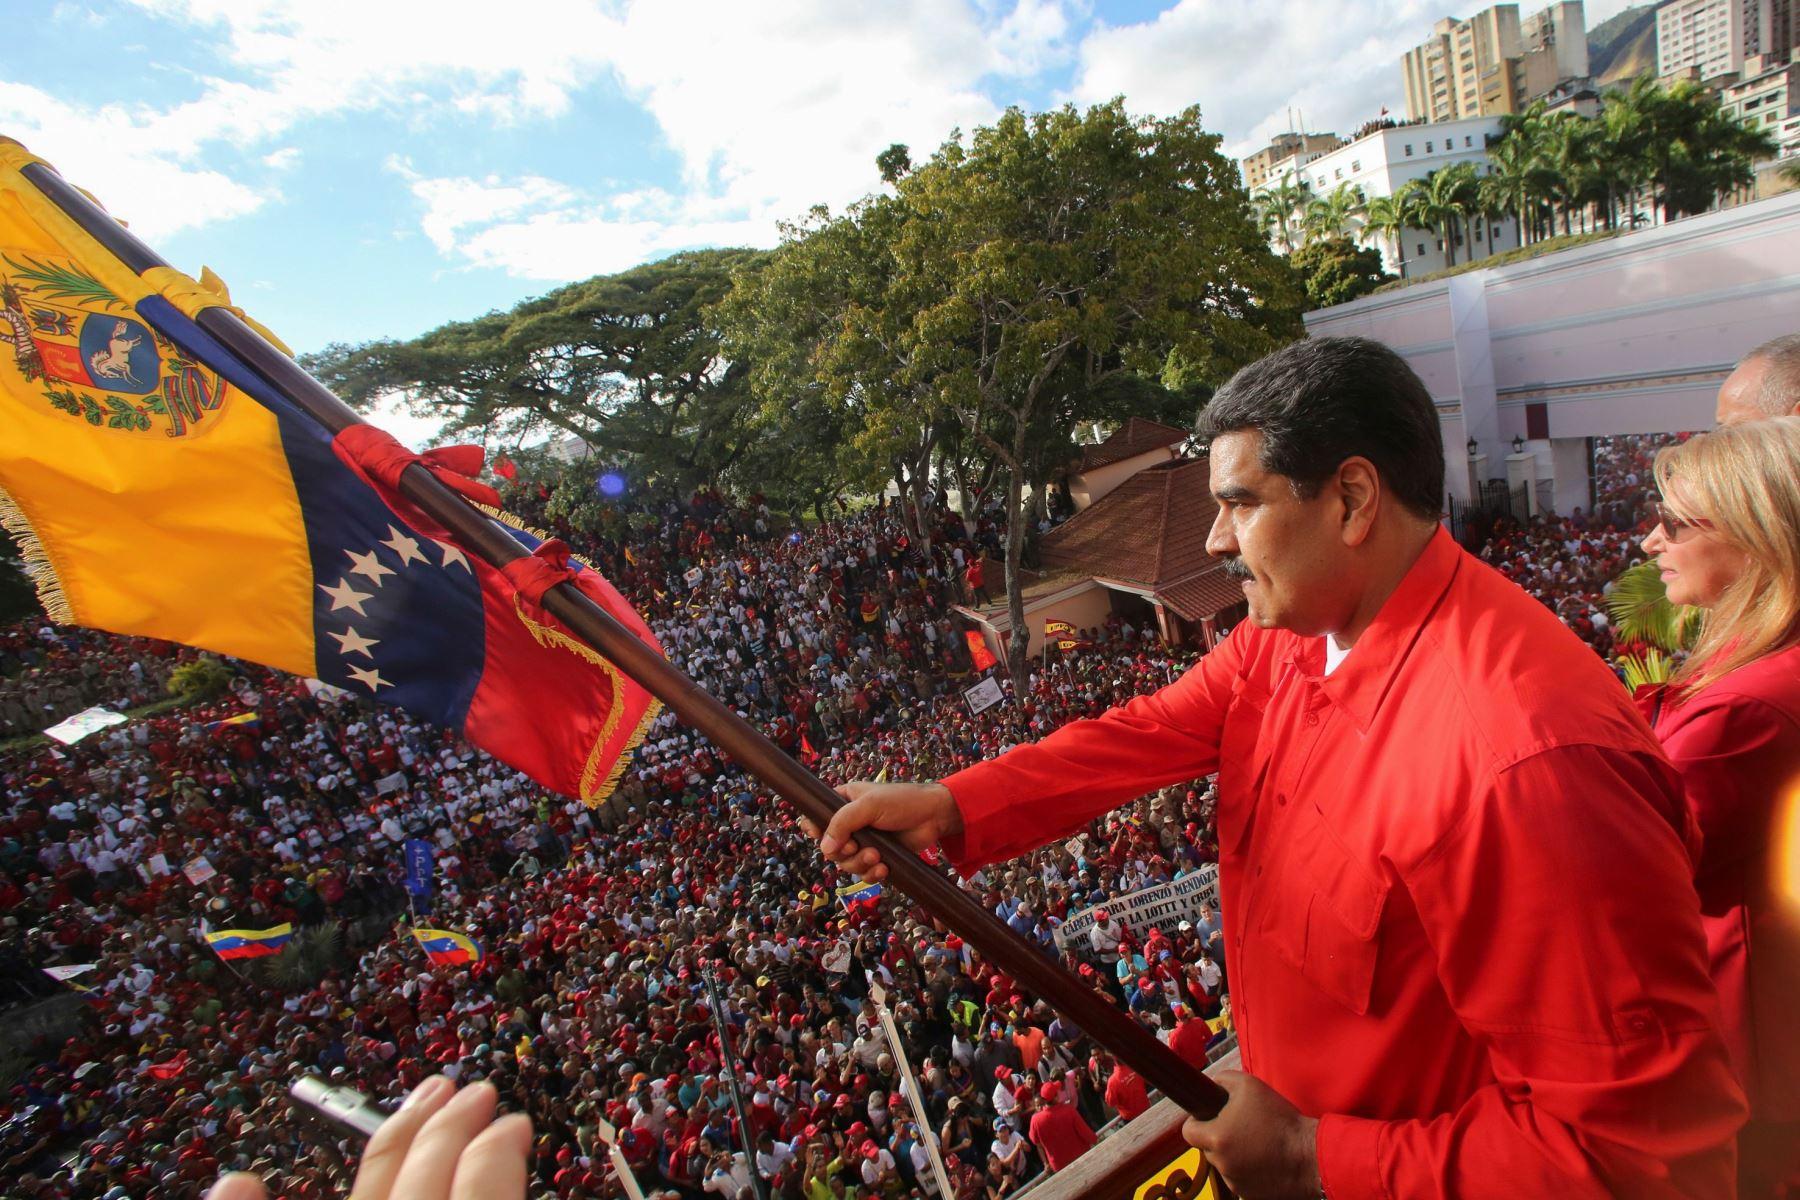 Foto de la presidencia venezolana que muestra hoy al presidente Nicolás Maduro agitando una bandera venezolana Foto: AFP